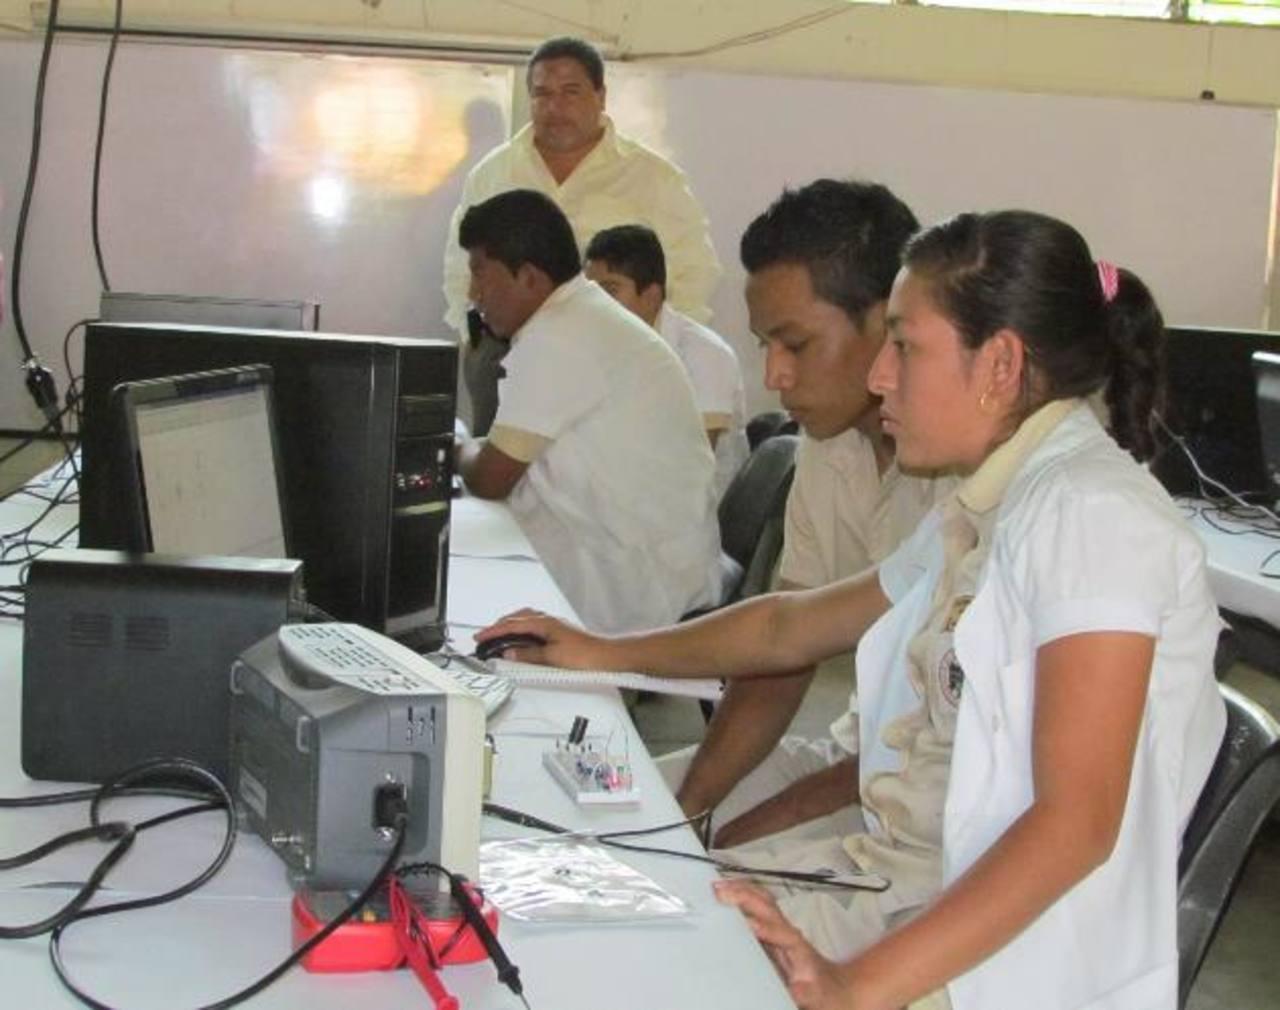 El Insa no solo necesita mejorar su infraestructura sino los equipos para las prácticas de los estudiantes. Foto EDH / Mauricio Guevara